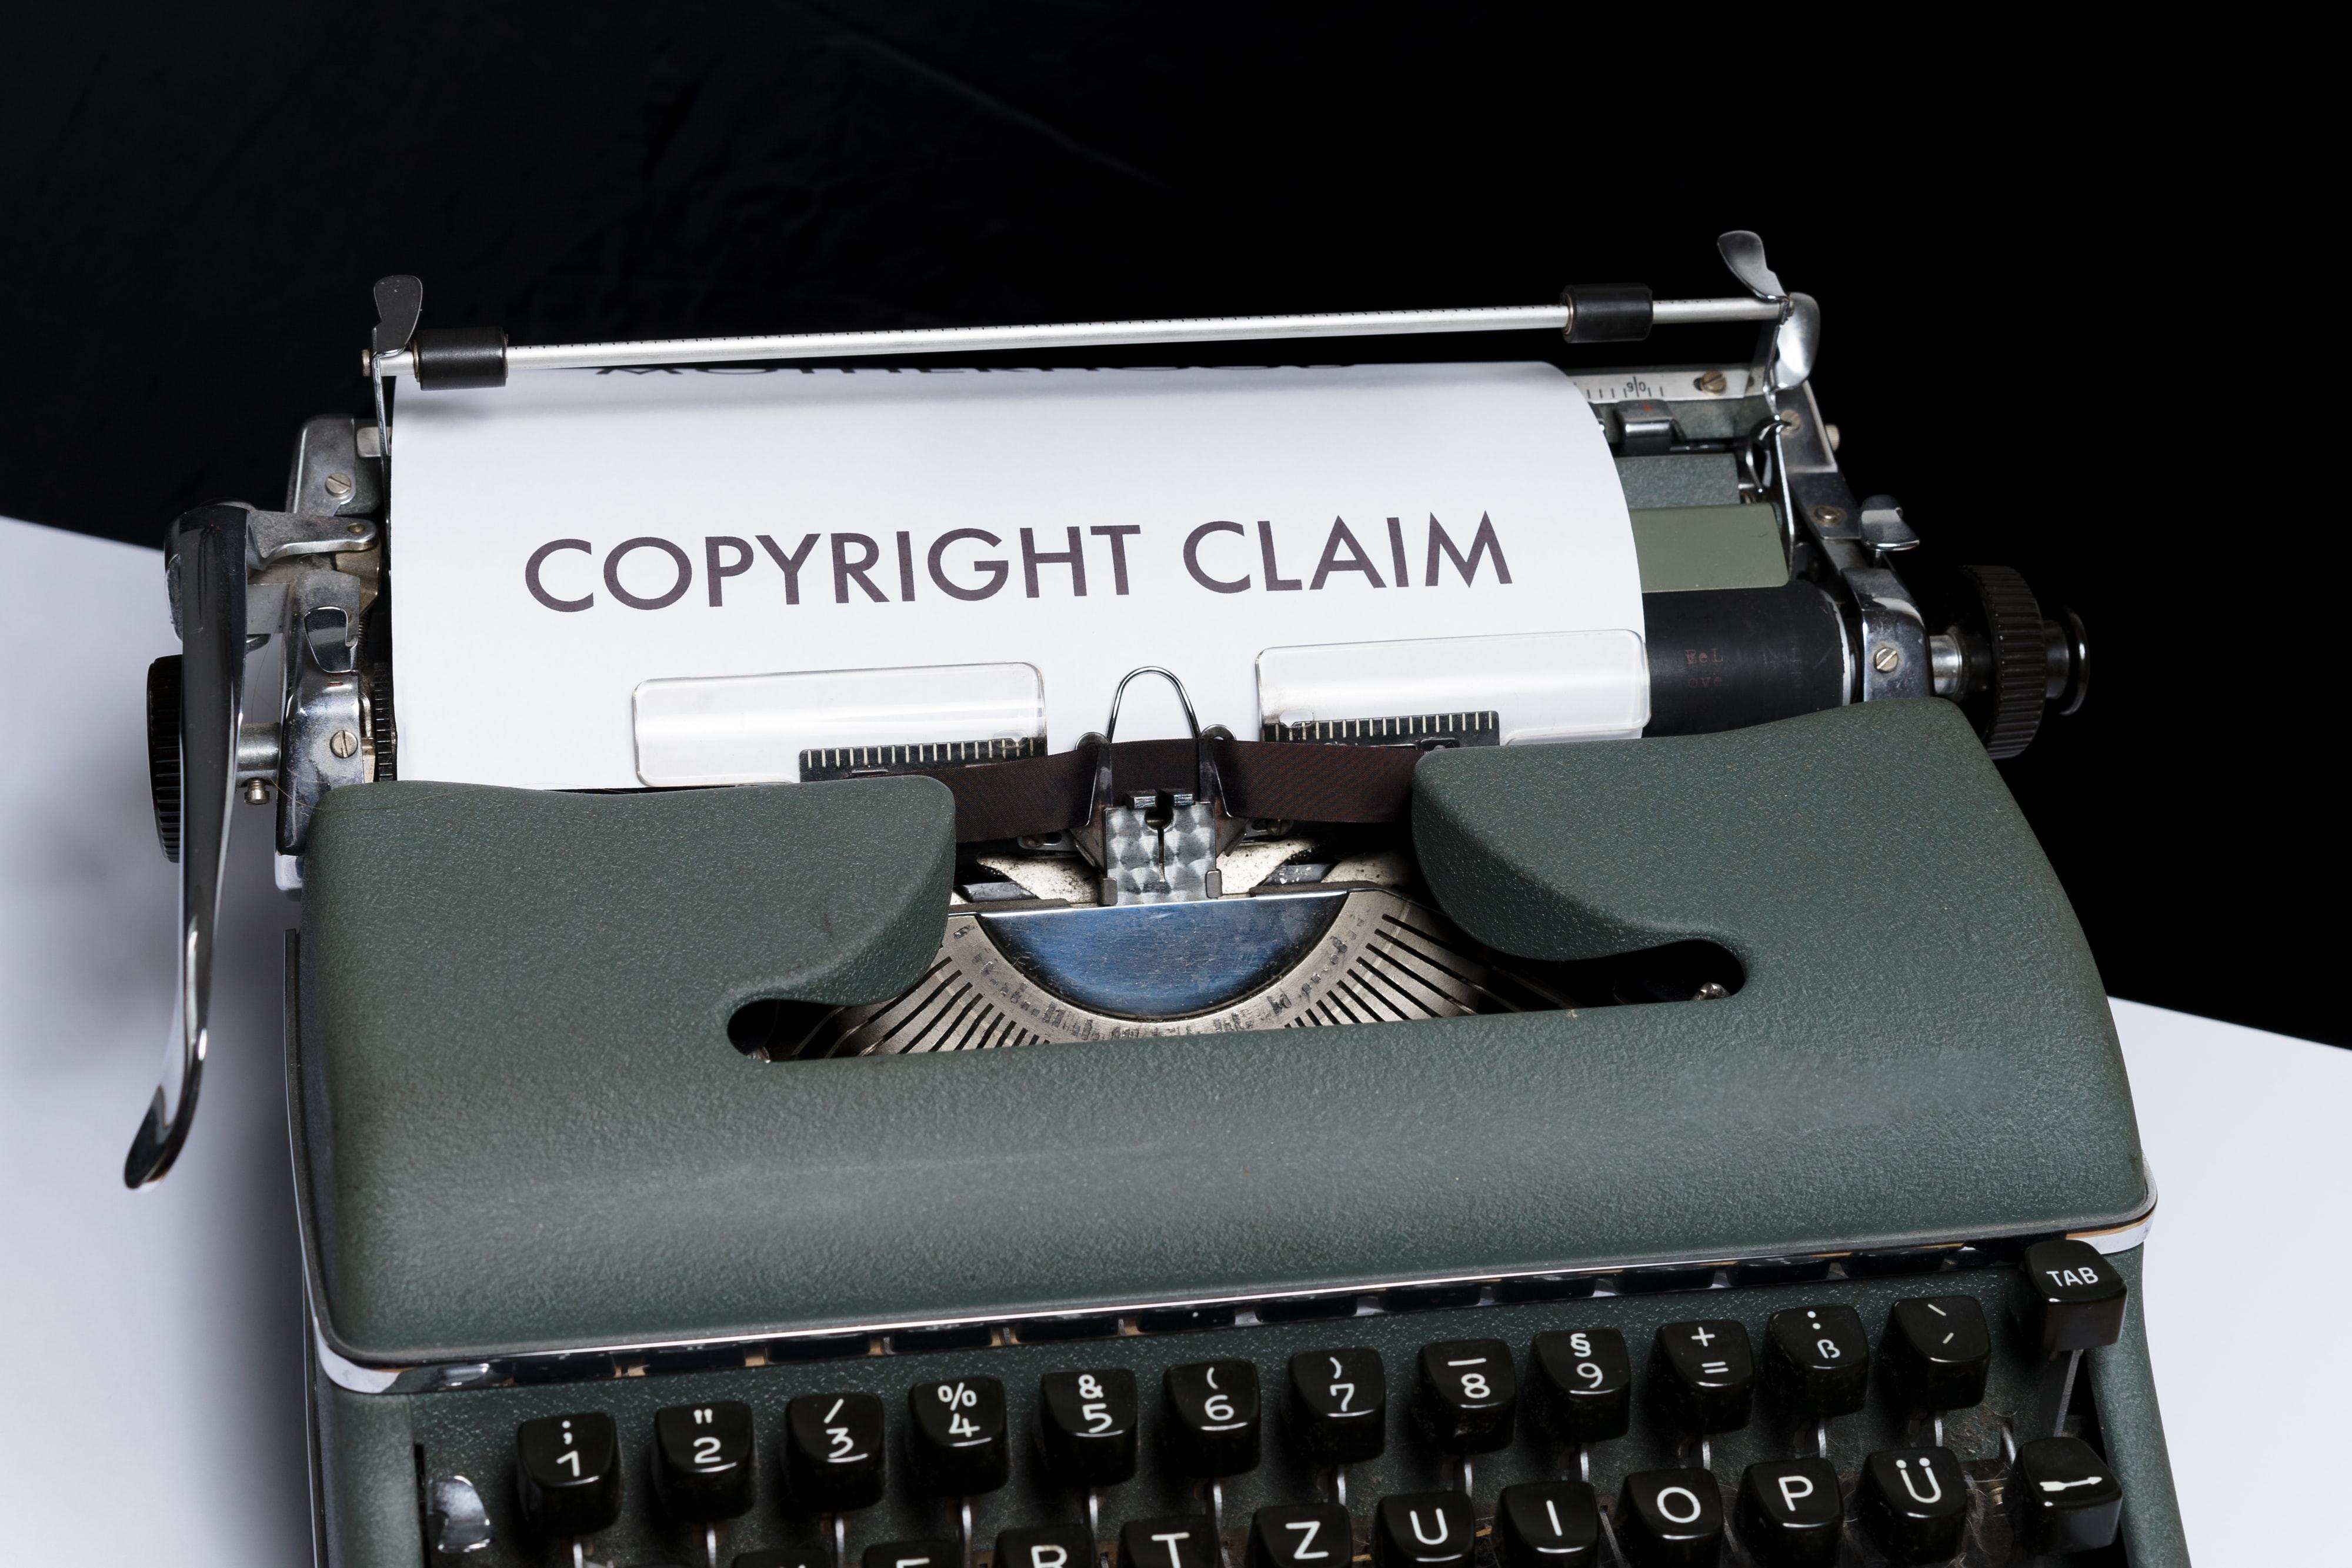 Copyright Claim typed on typewriter Image